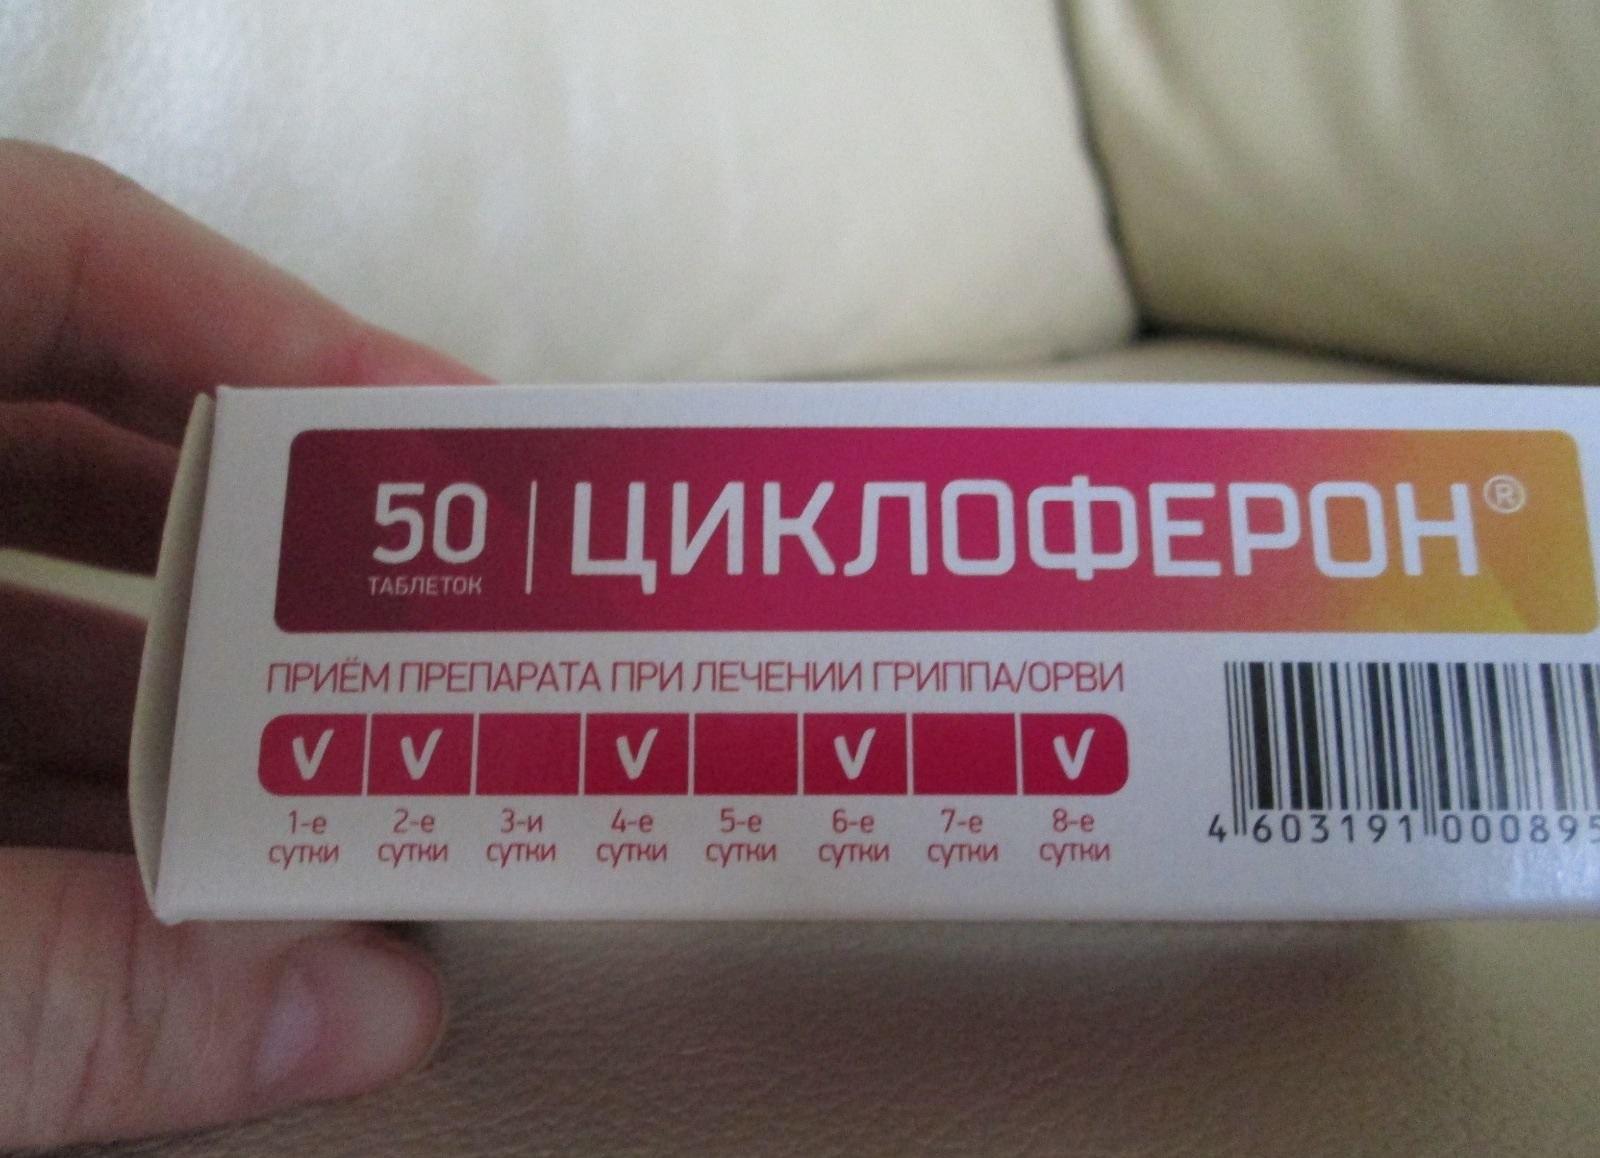 Схема приема указана на самой упаковке